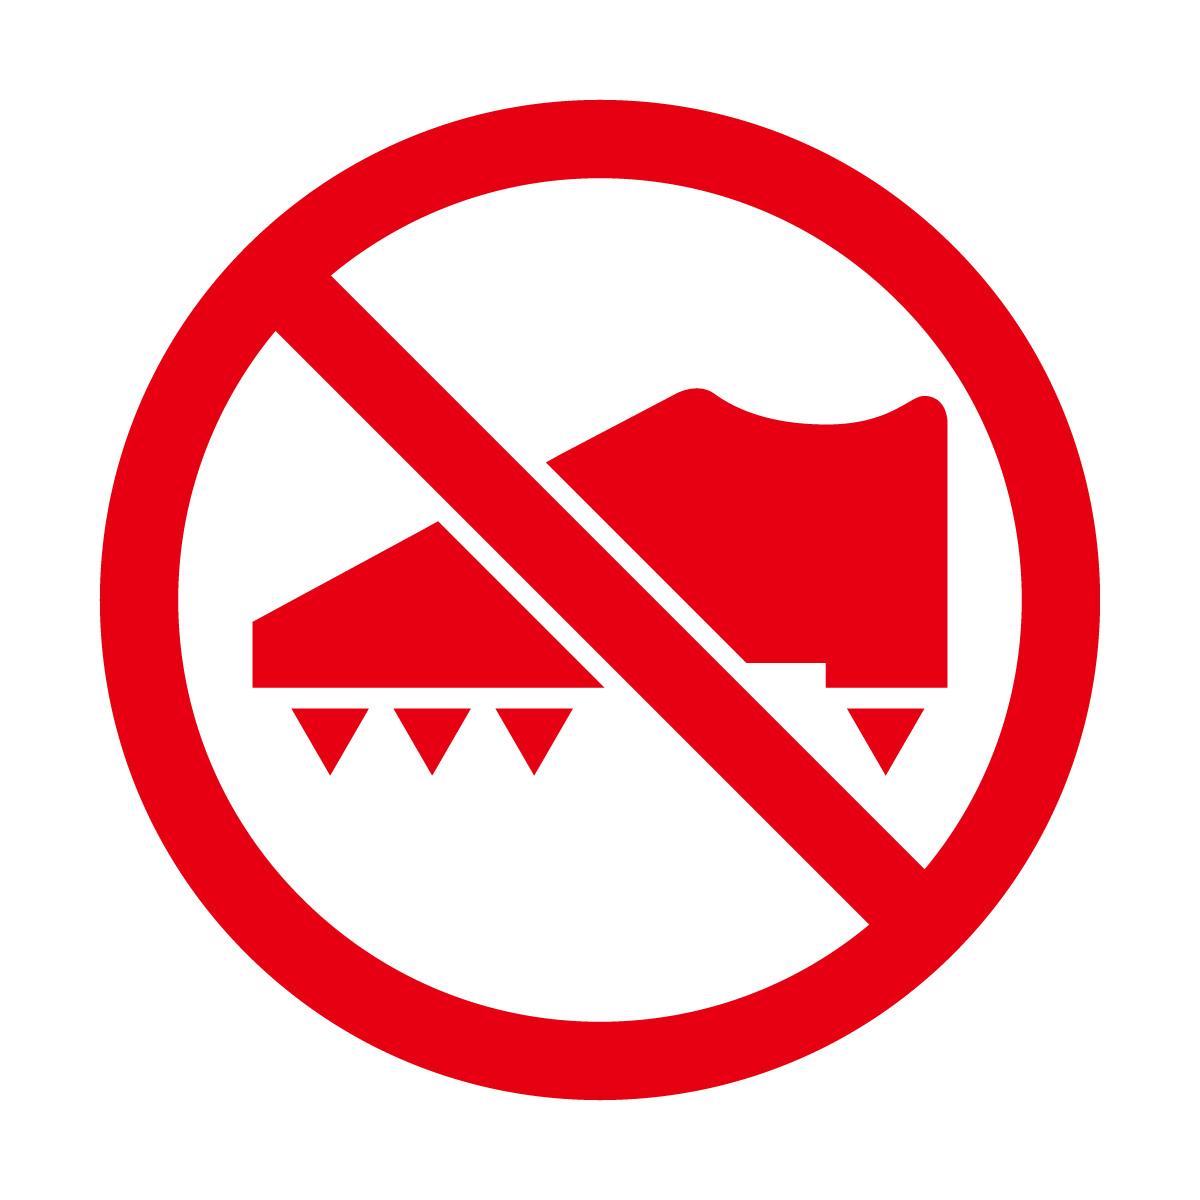 赤色のスパイク着用・使用禁止マークのカッティングステッカー・シール 光沢タイプ・防水・耐水・屋外耐候3~4年